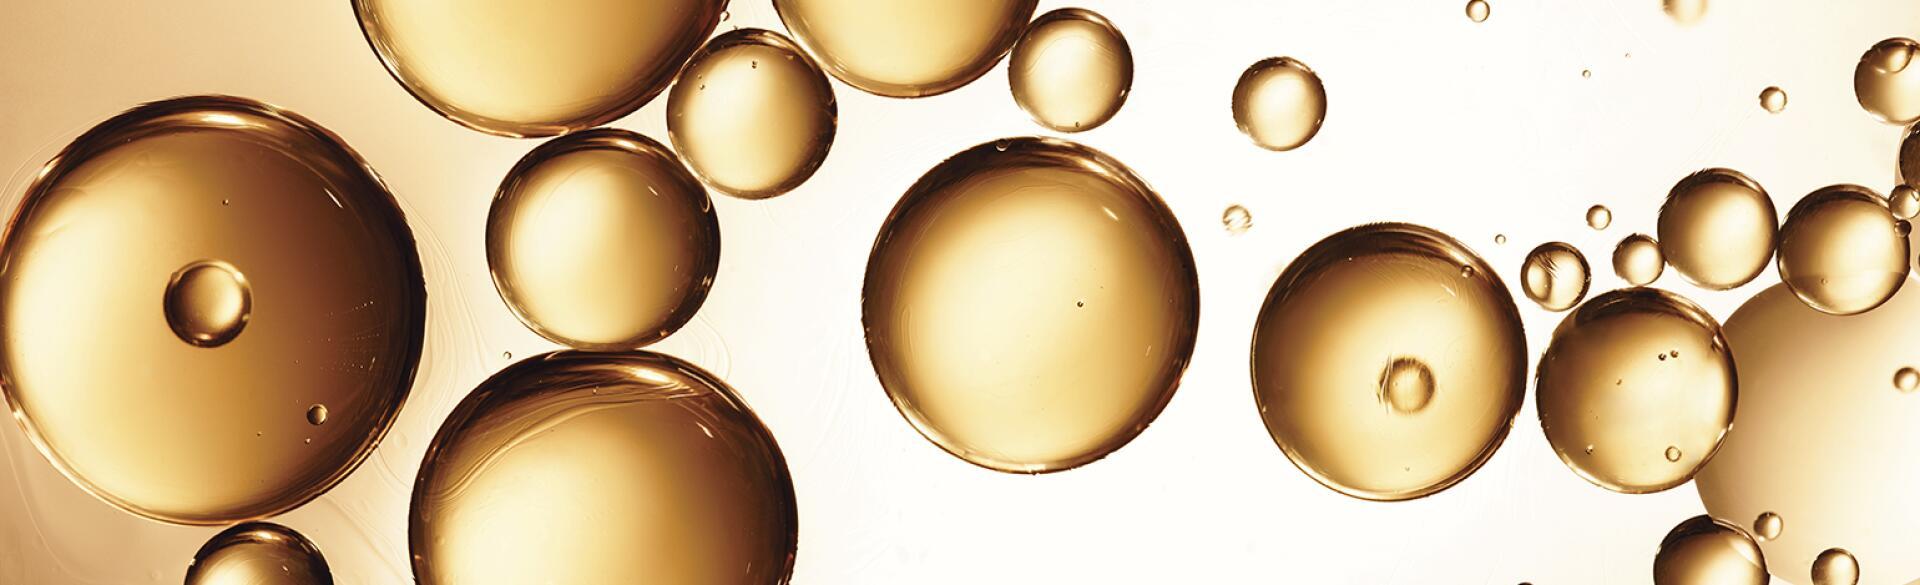 close up essential oil bubbles